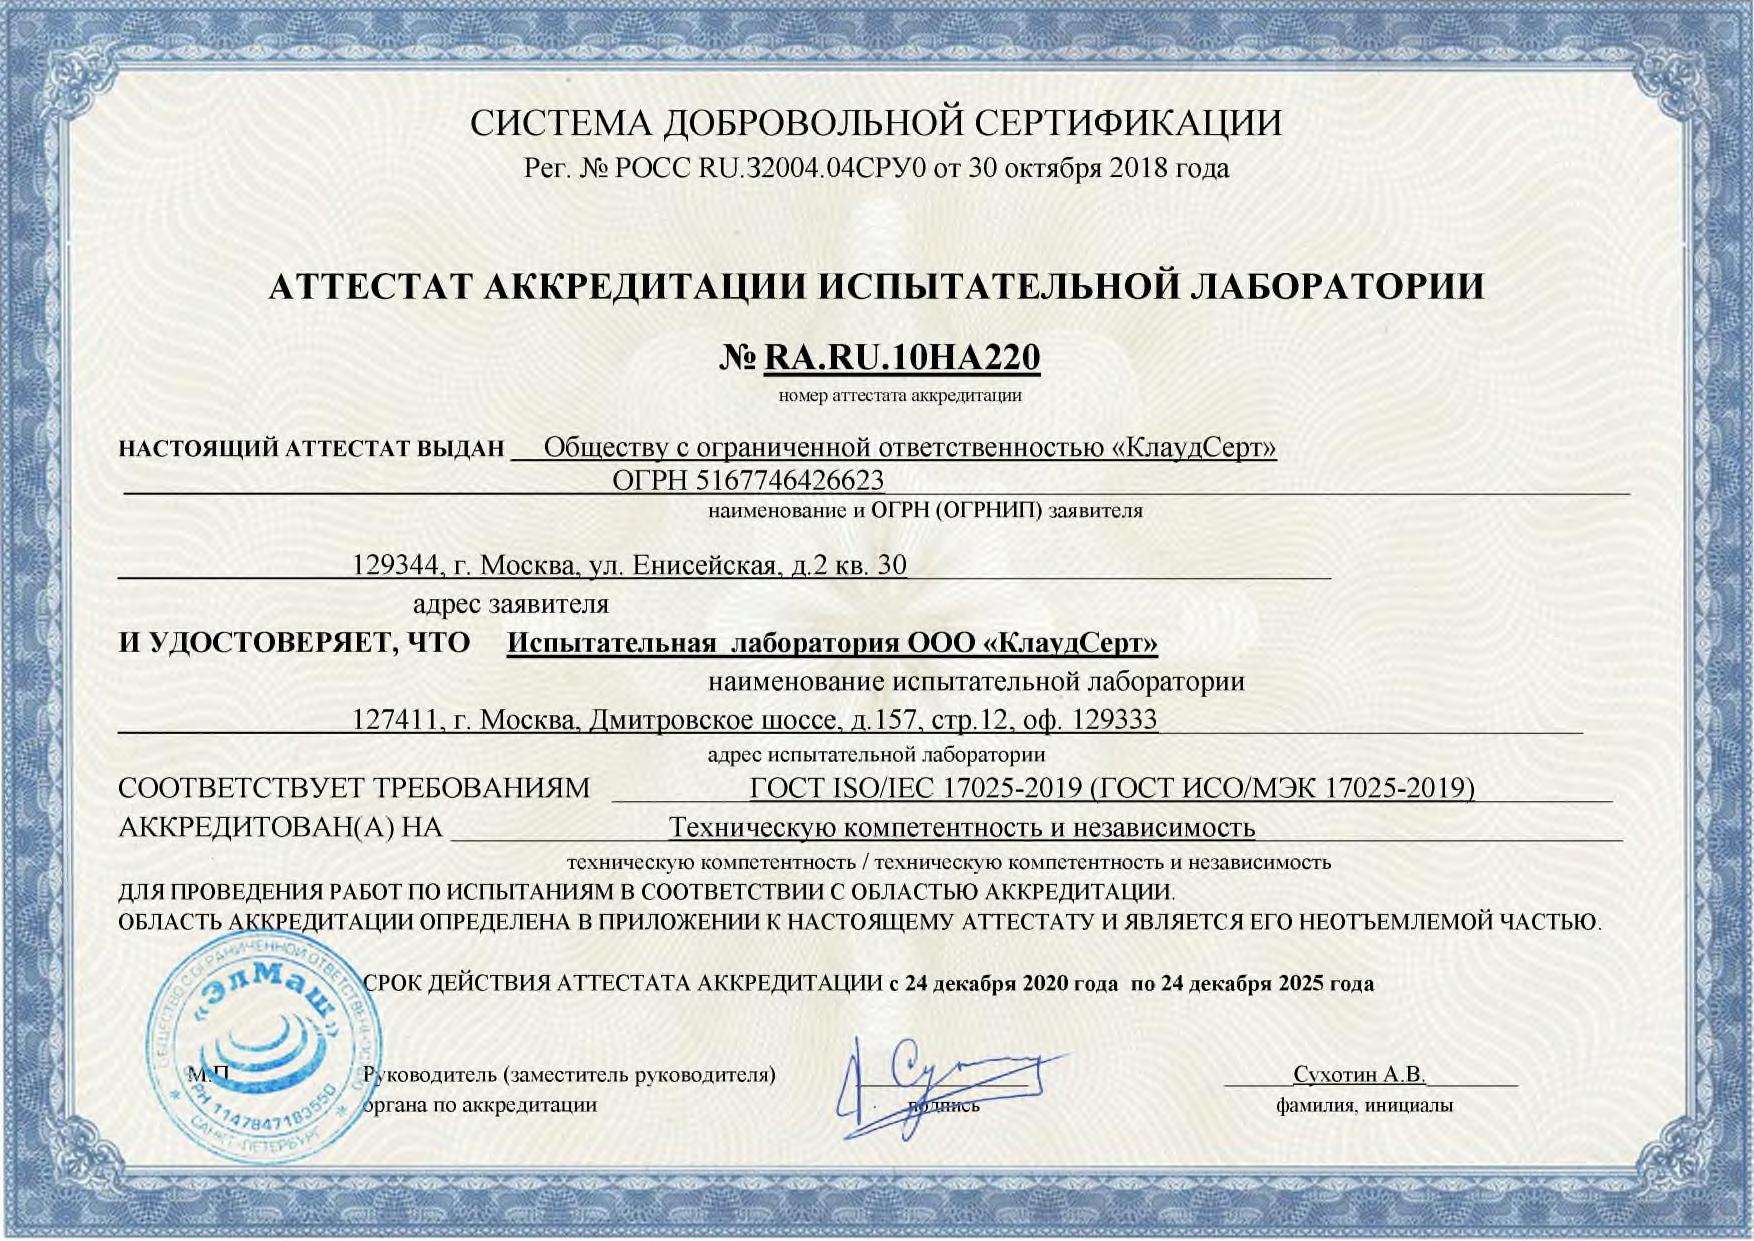 Аттестат аккредитации испытательной лаборатории ООО КлаудСерт